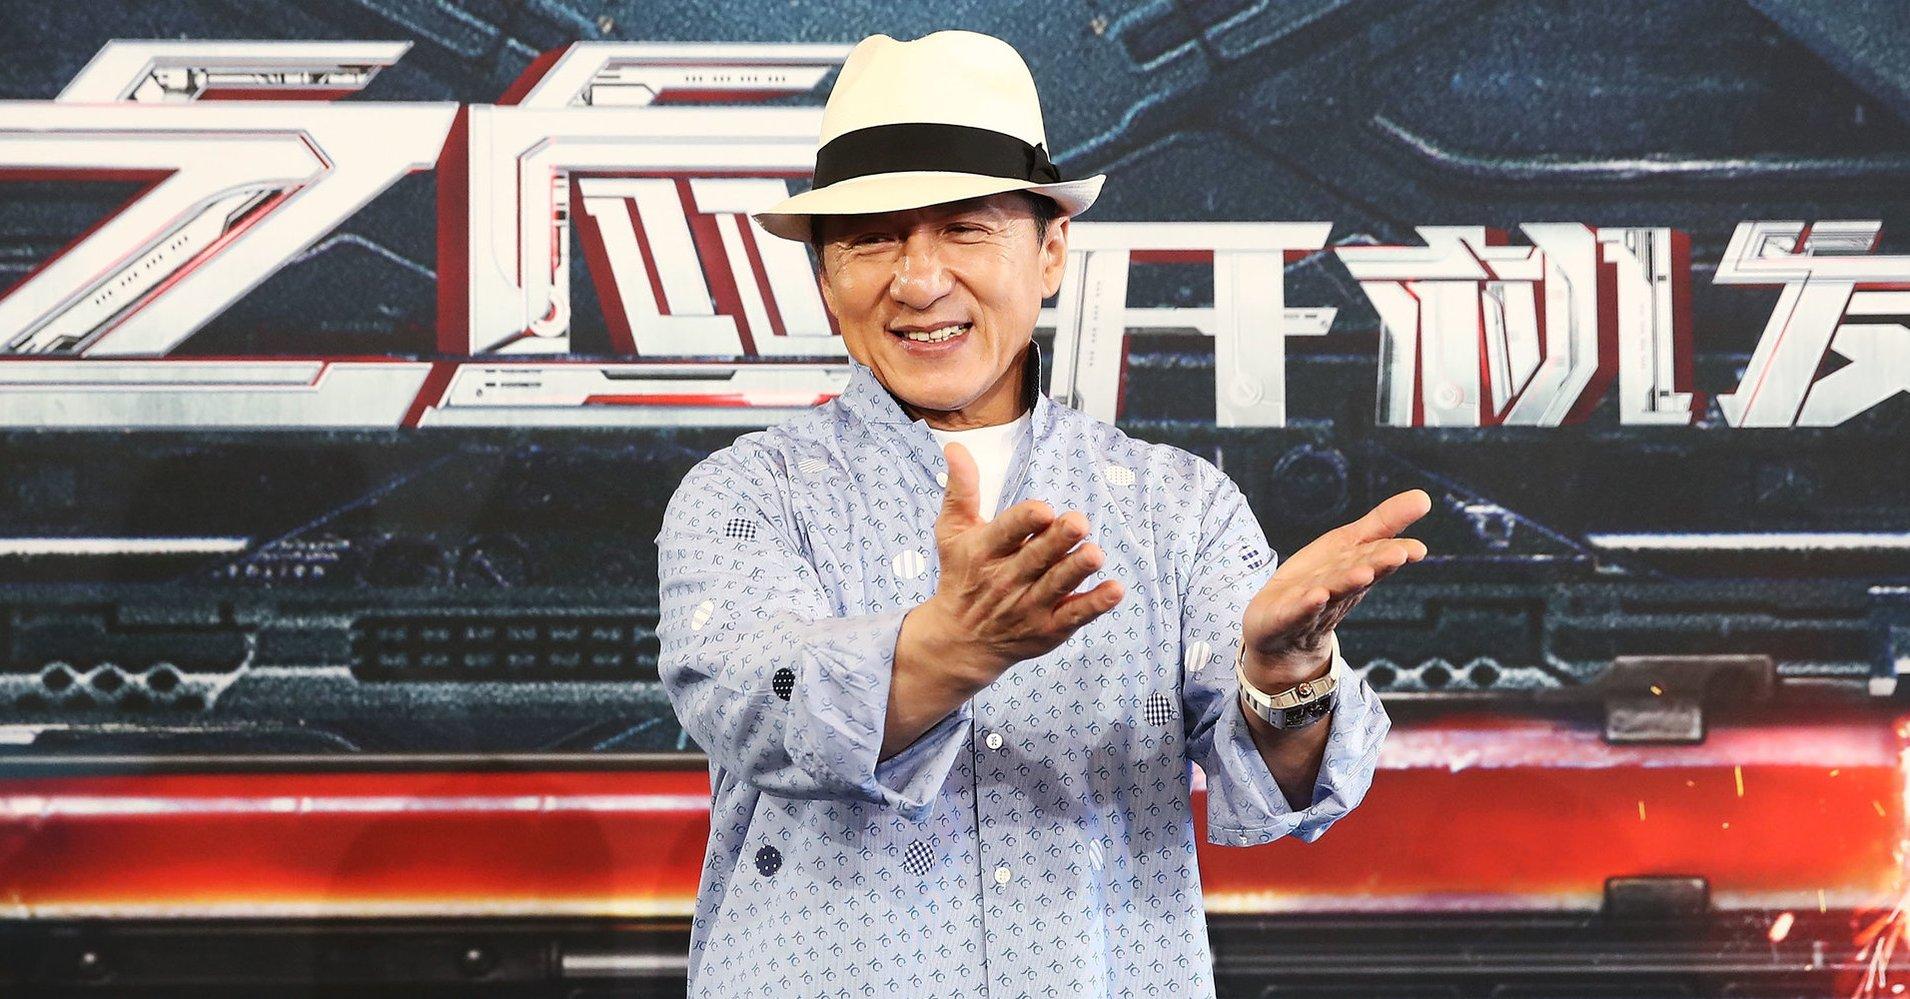 首位华人!62岁成龙获奥斯卡终身成就奖